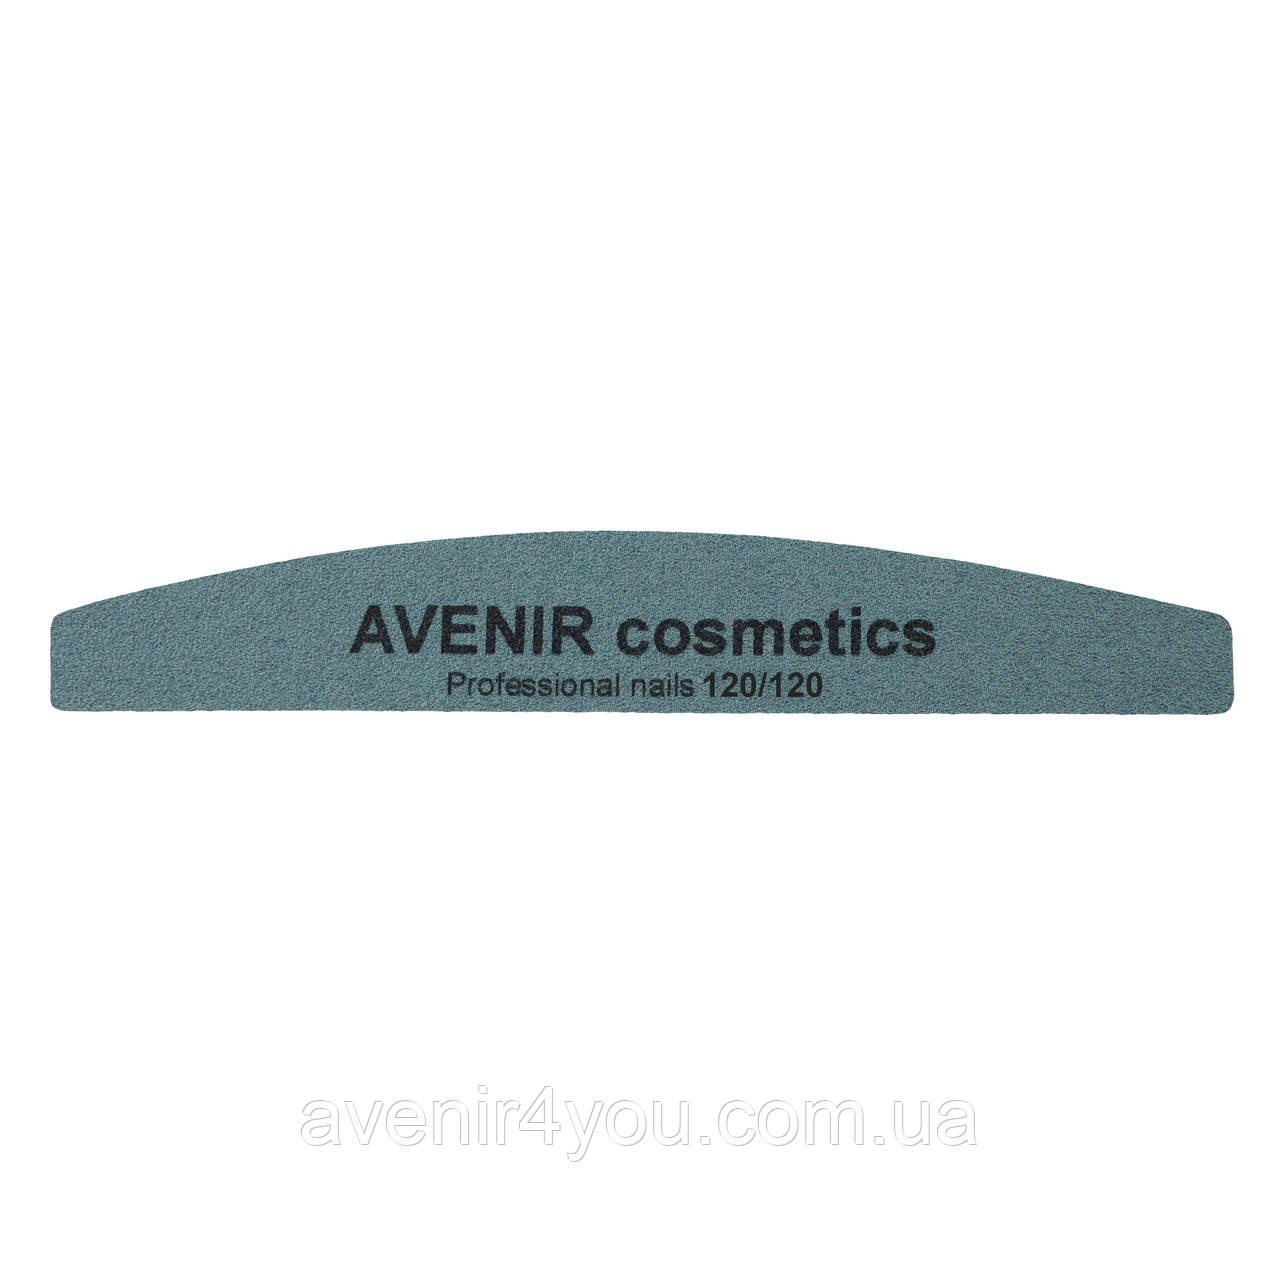 Тонкая пилка для ногтей AVENIR арт.022 120/120 грит Месяц